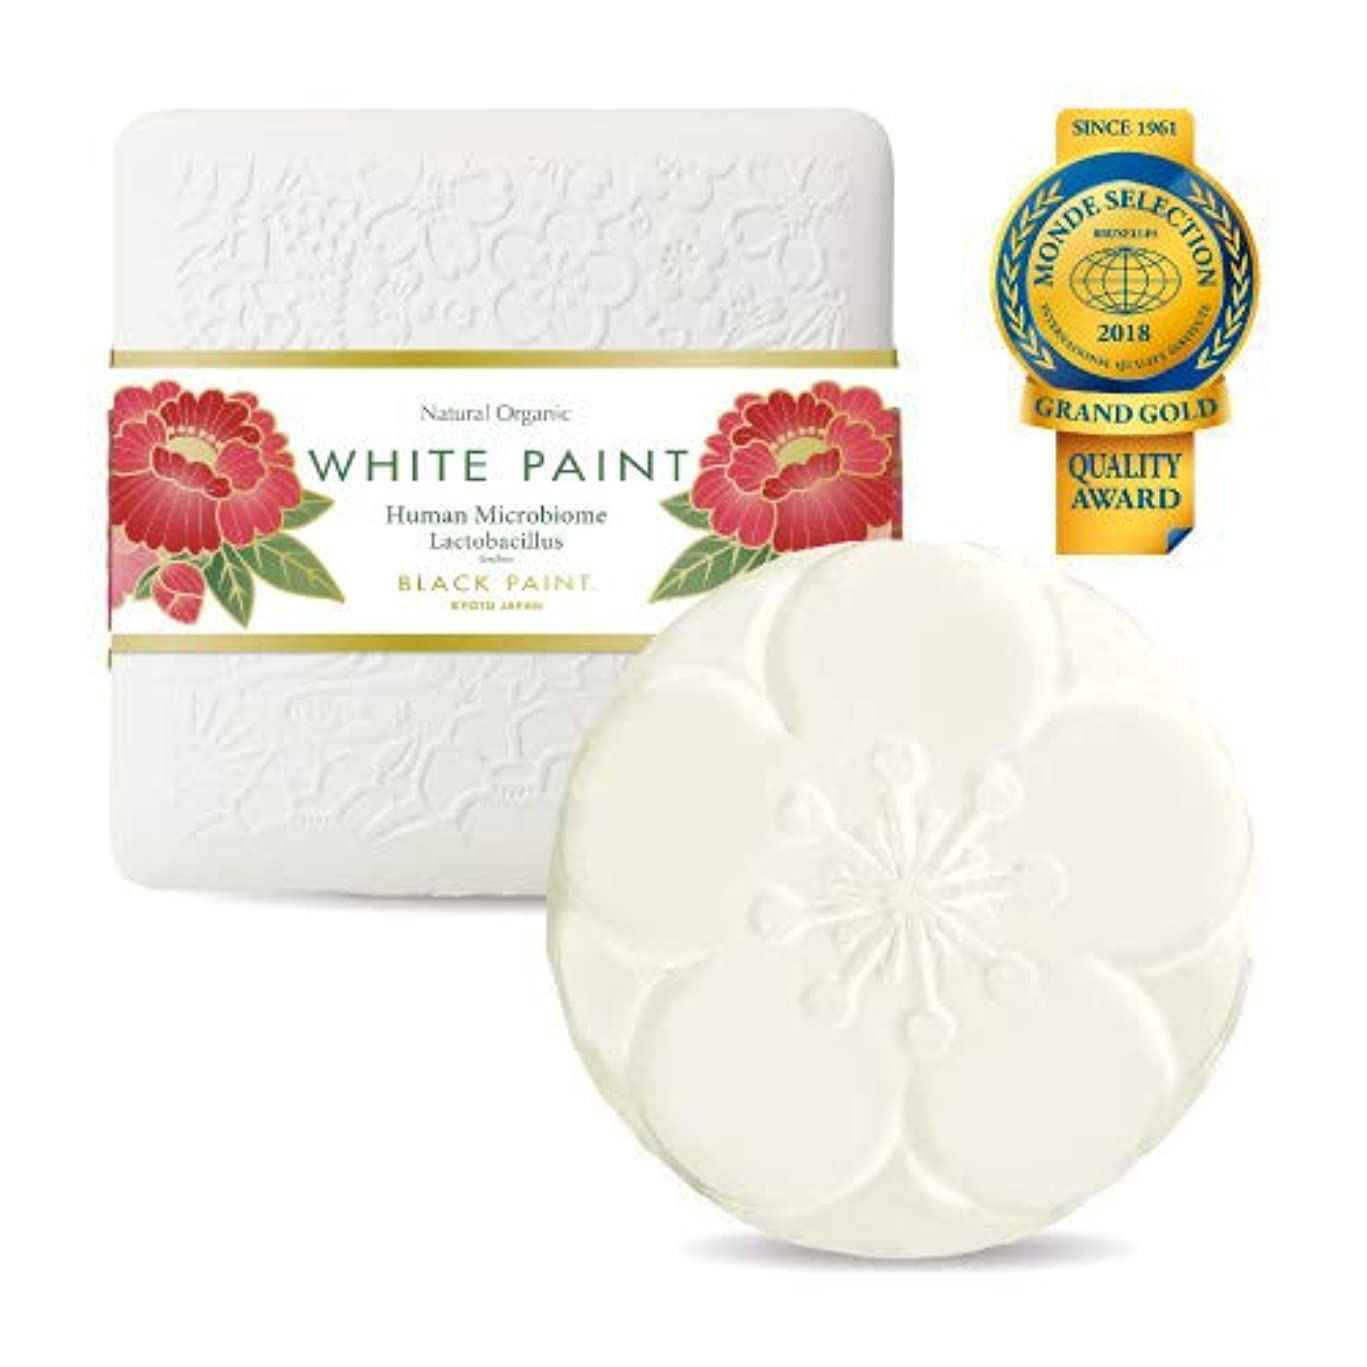 共和党グラディス従者乳酸菌入り プレミアム ホワイトペイント 60g ハーフサイズ 塗る洗顔 石鹸 無添加 国産 …